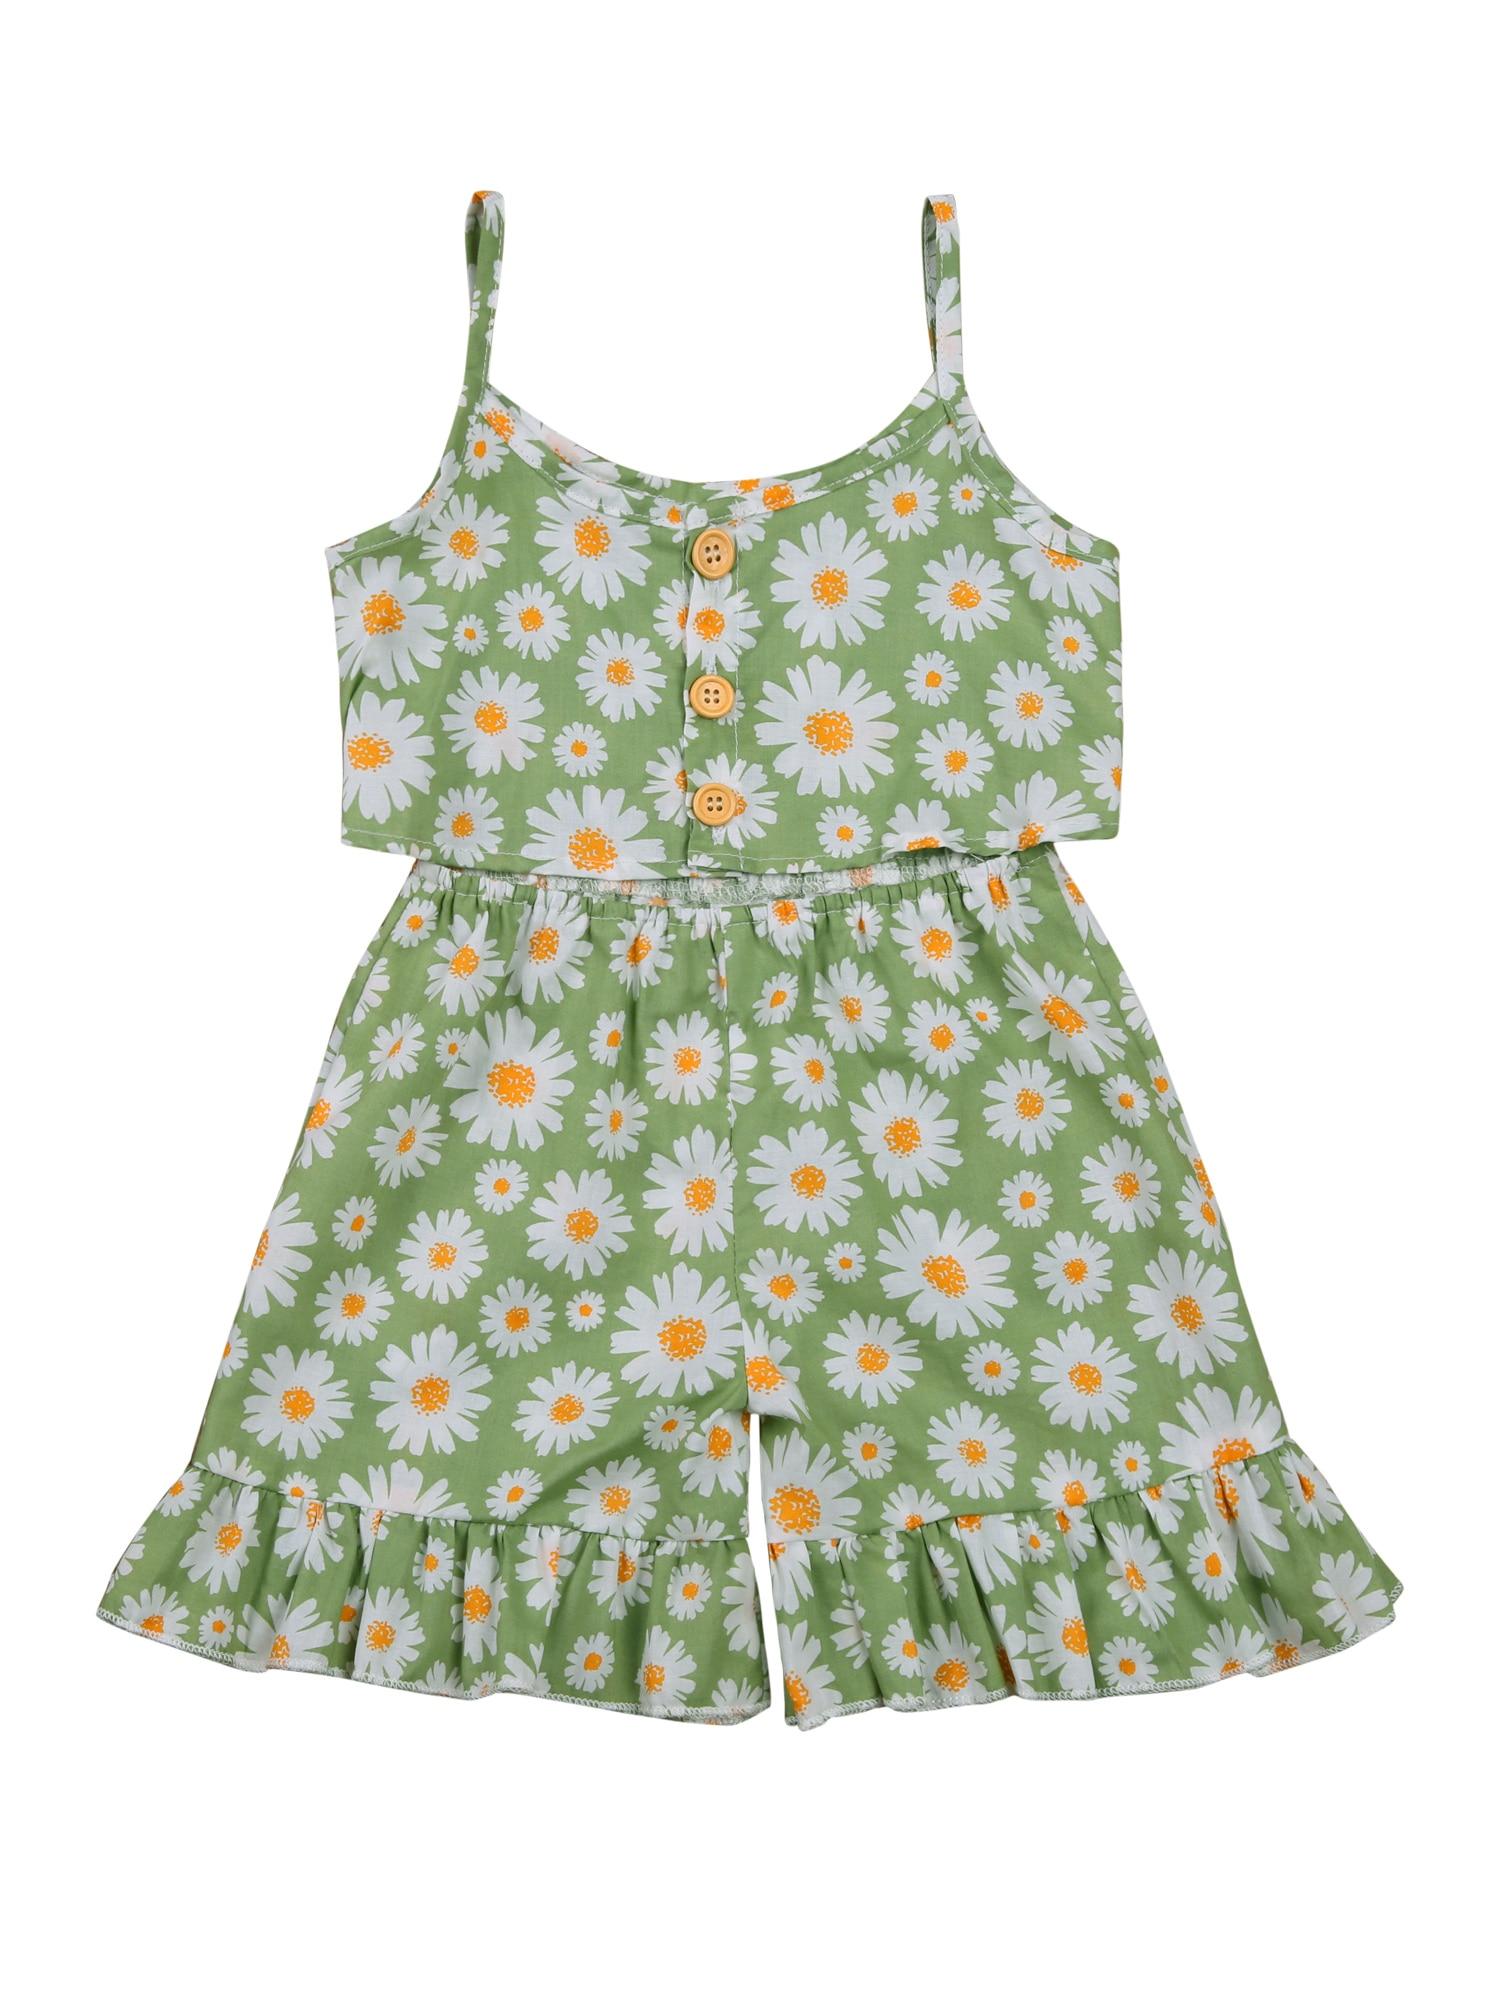 Conjuntos de ropa con estampado Floral para bebés y camiseta de manga...